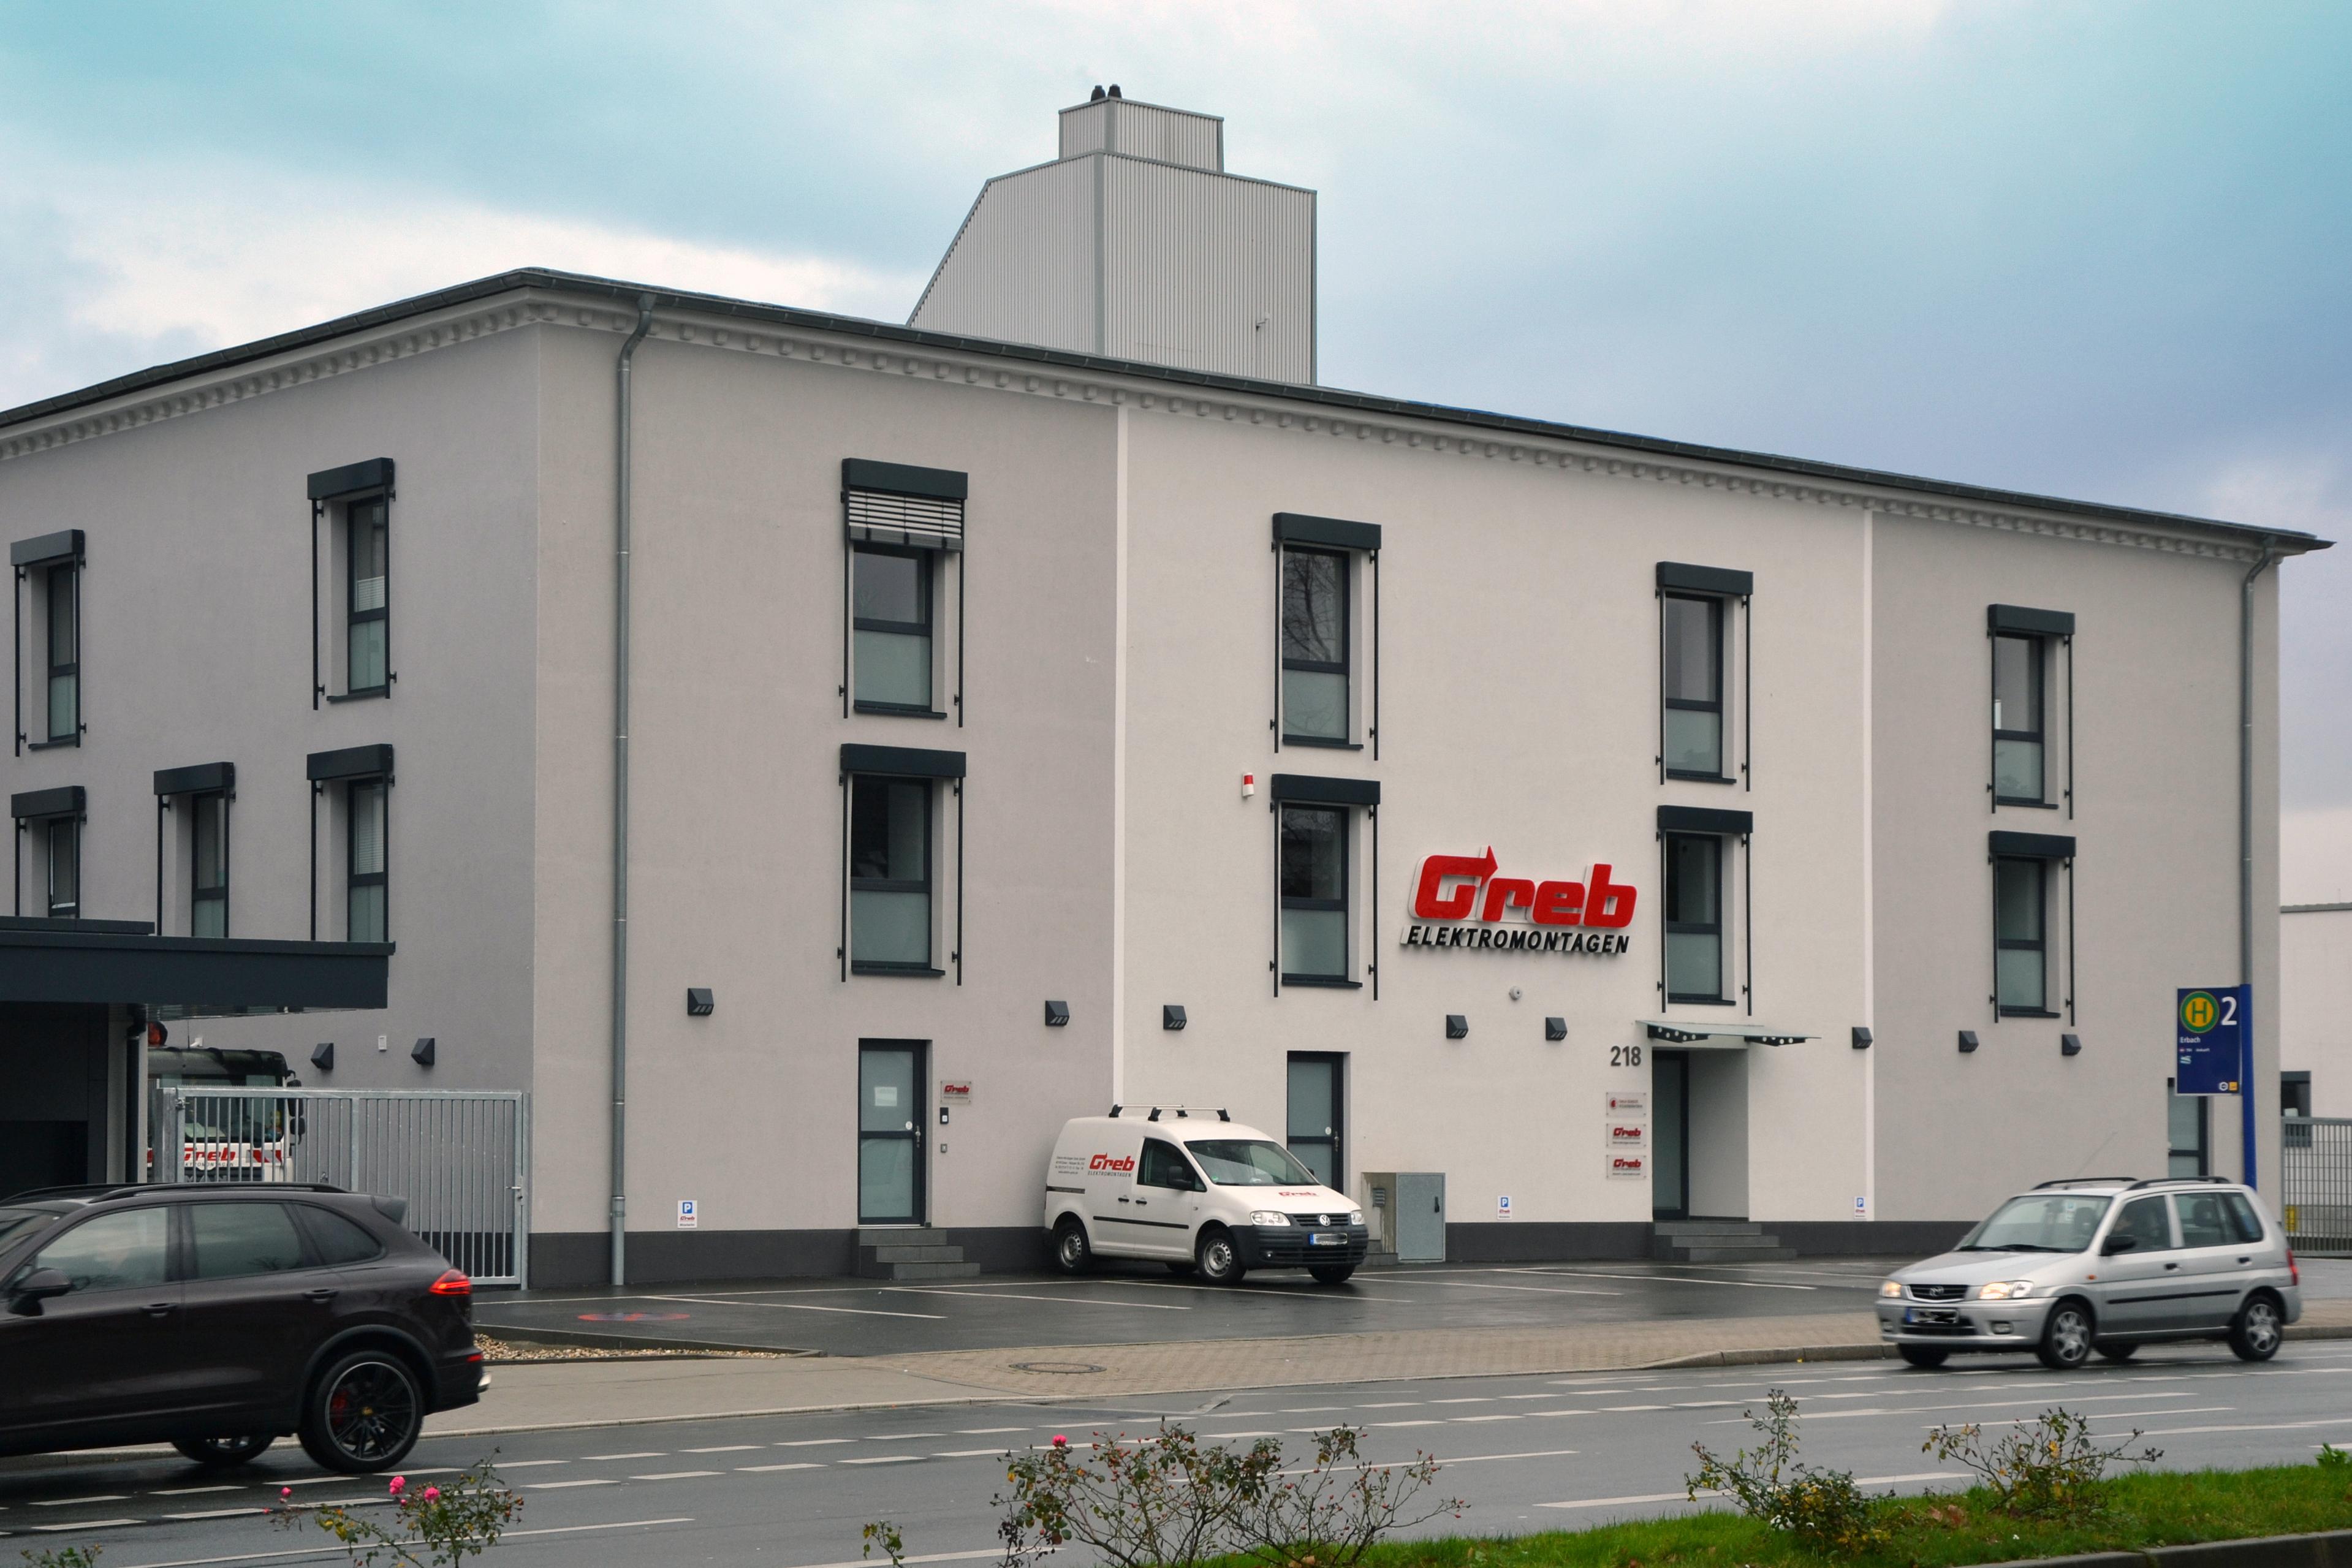 File:Essen-Haarzopf, Bunker Hatzperstraße.jpg - Wikimedia